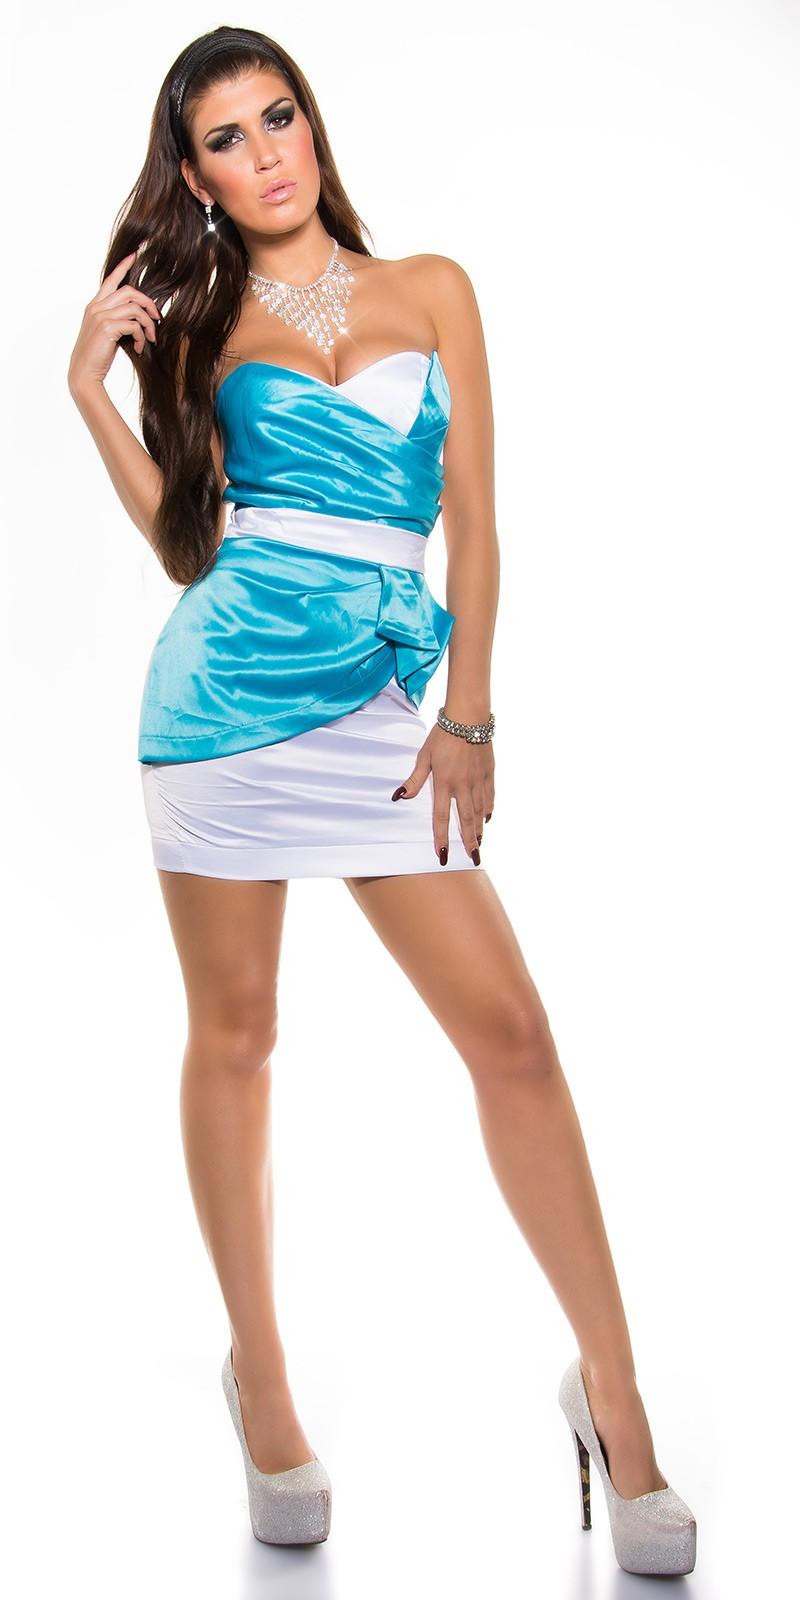 f9cf9df5b9 NŐI RUHA   Csinos koktélruha - Kék (36-40)   Mysticfashion női ruha ...